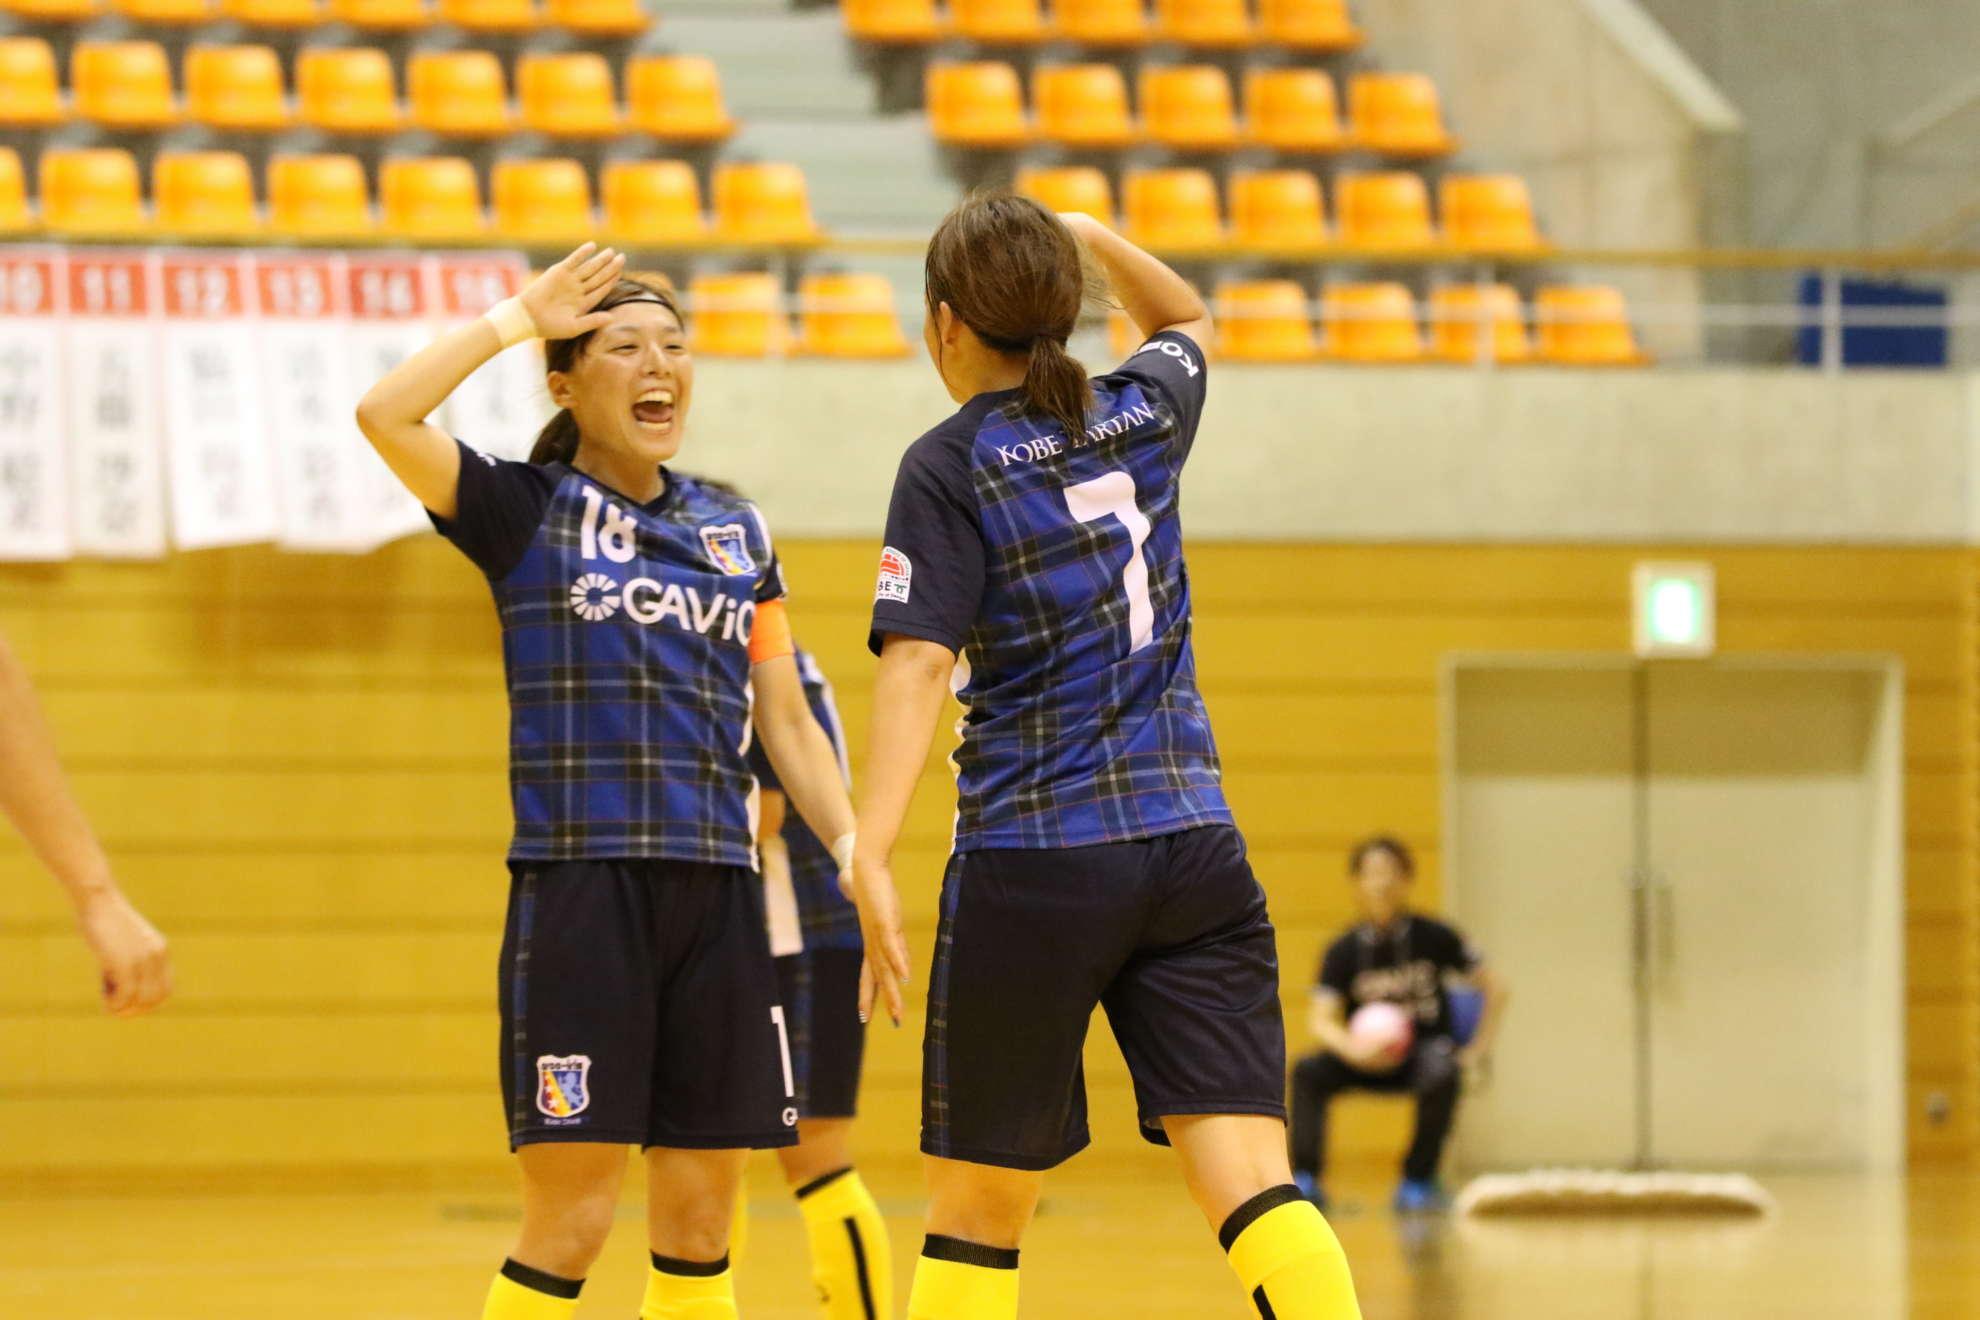 日本女子フットサルリーグ2019/2020シーズン 日程発表!